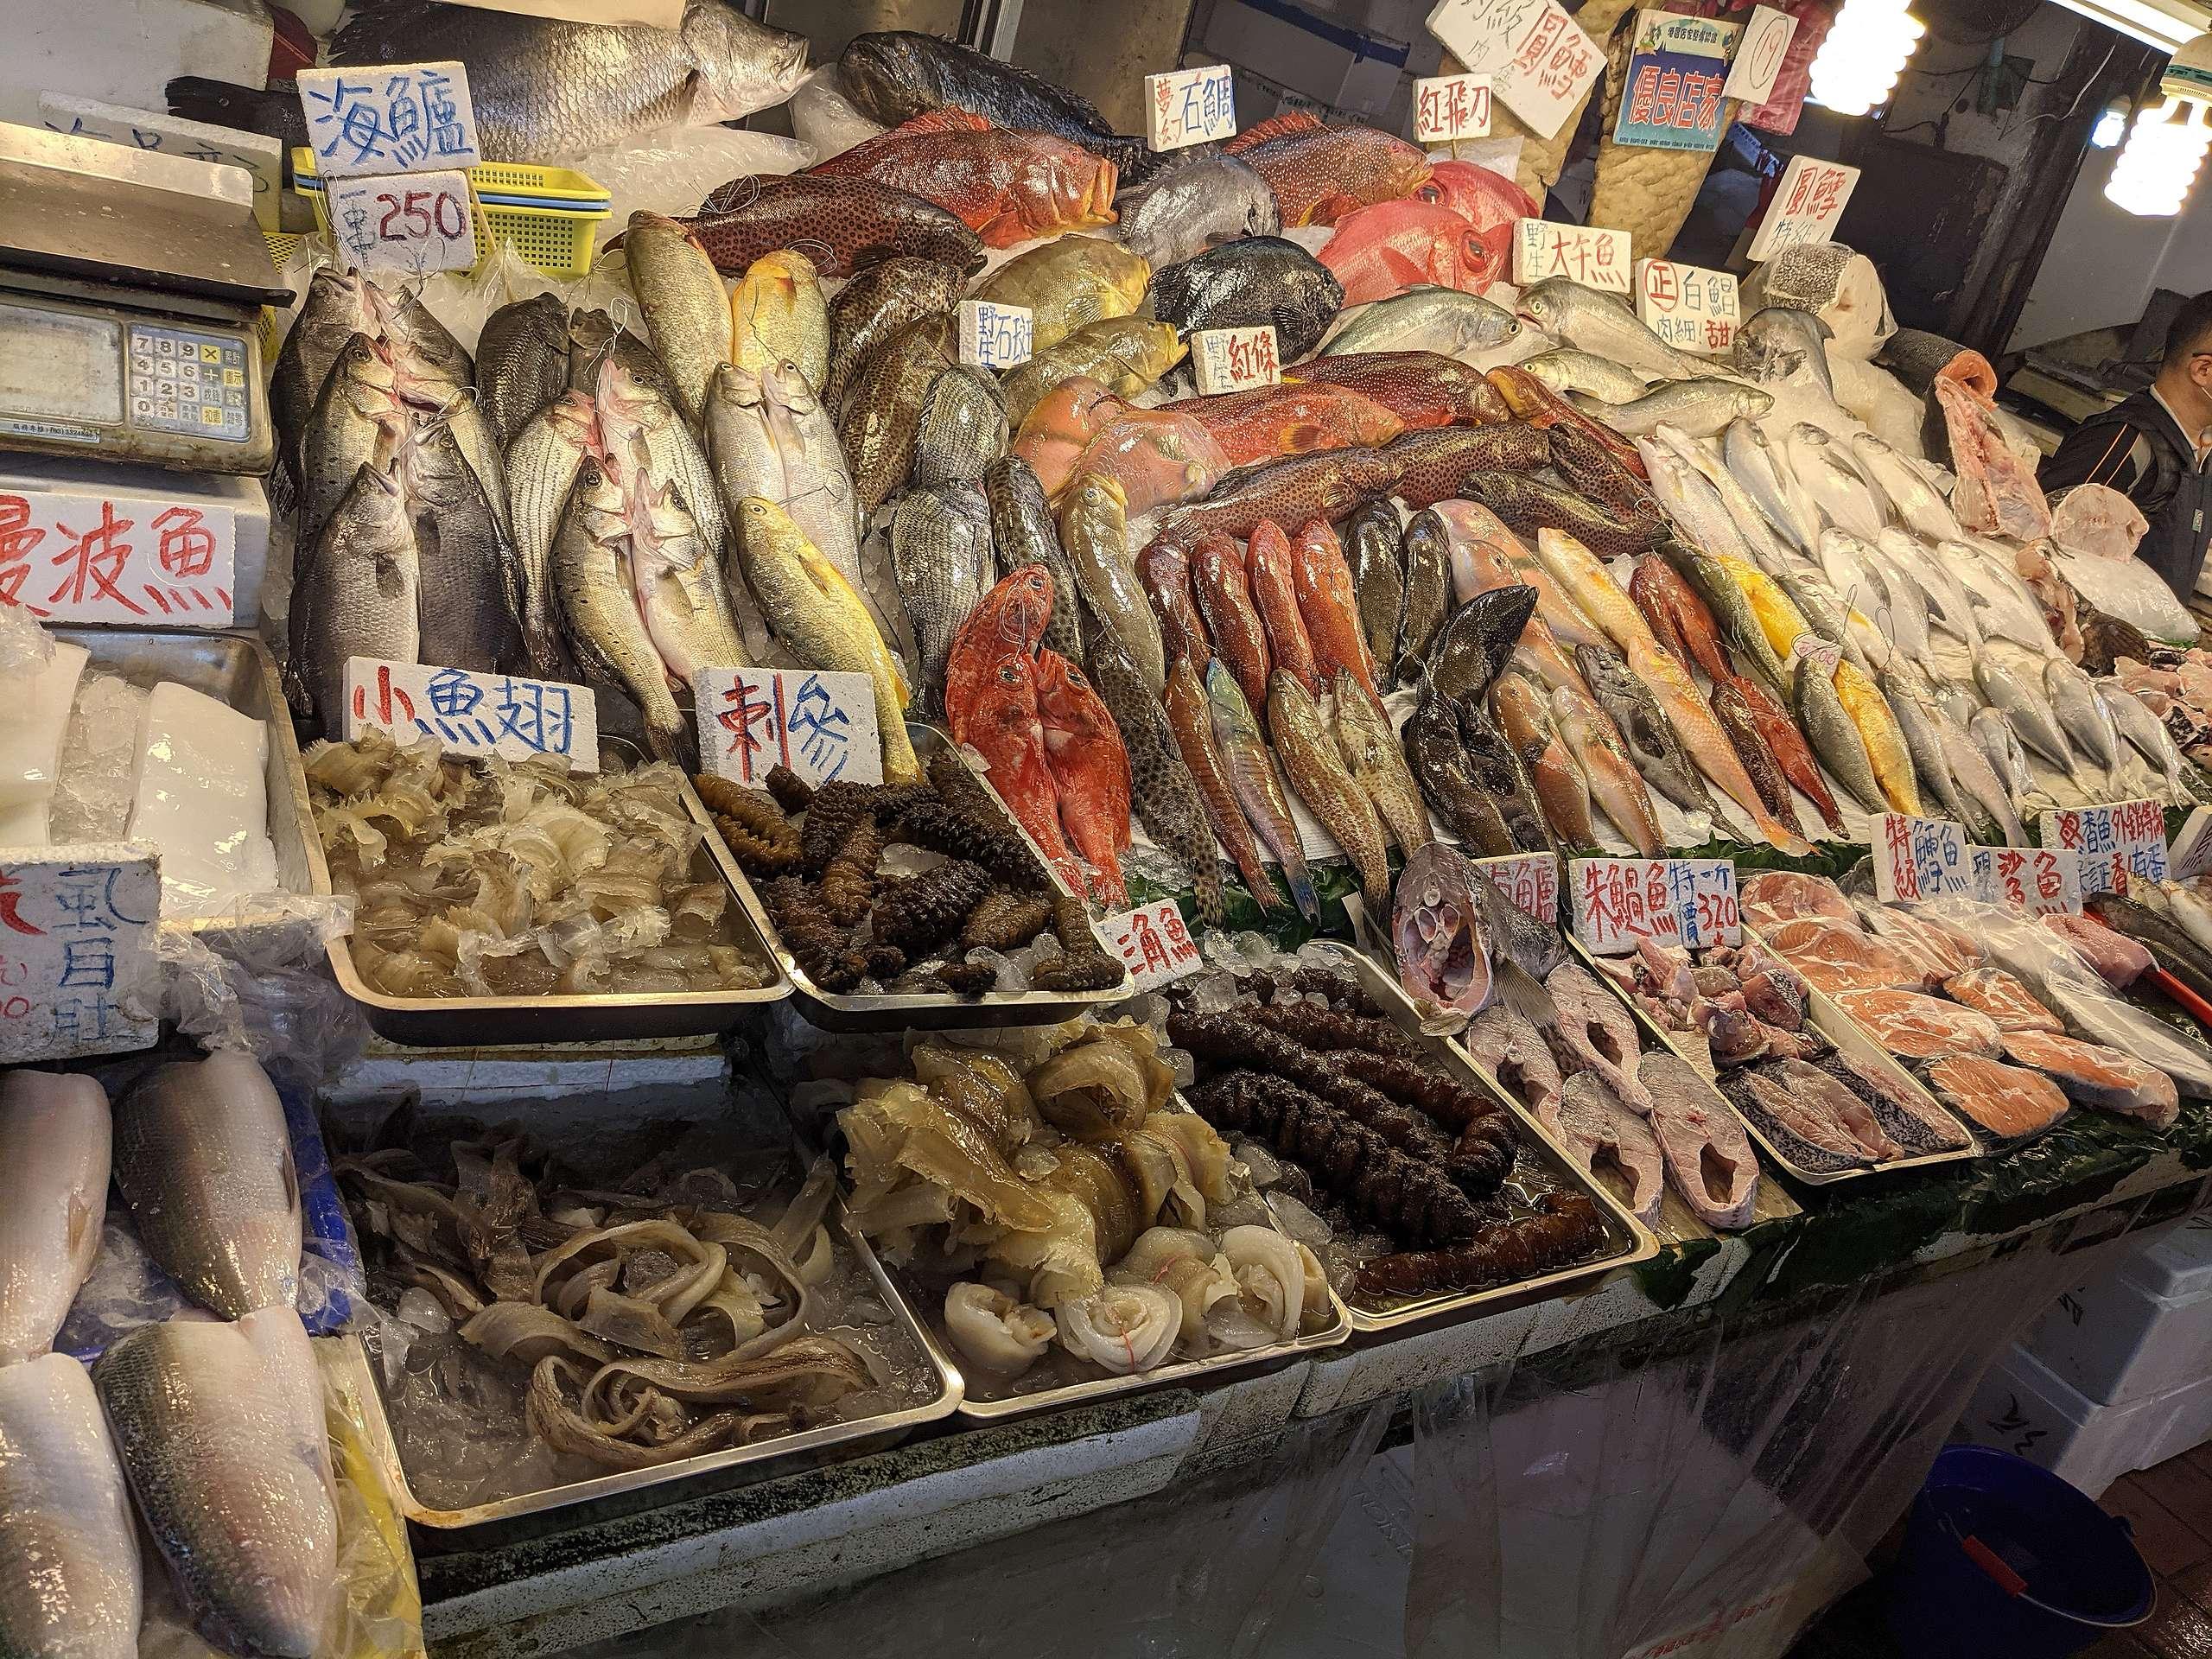 臺灣的沿近海魚獲帶動大量經濟產值,然而近幾年的魚獲量已大幅下降,顯示海洋資源逐漸邁向耗竭。